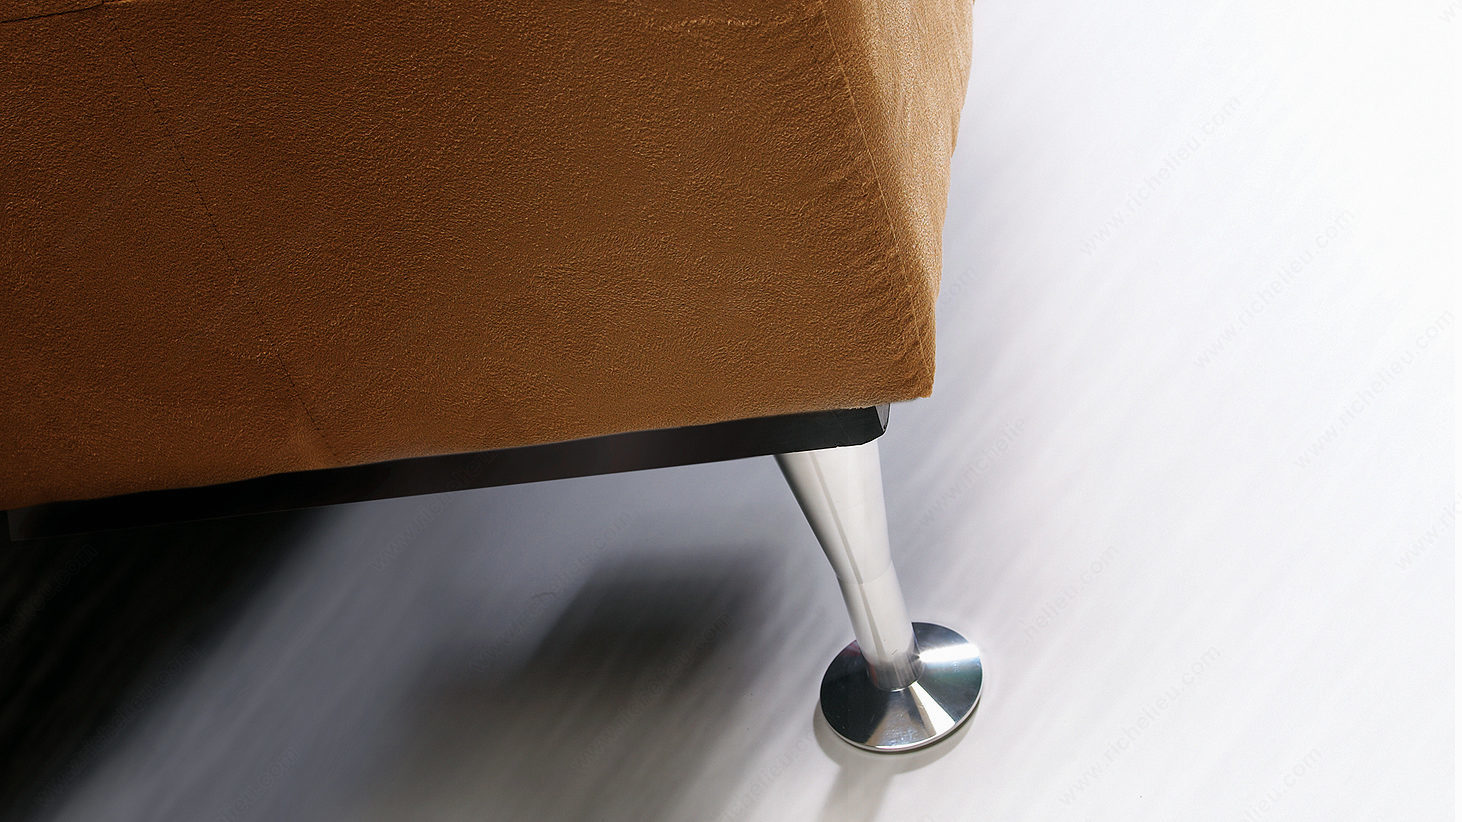 patte de meuble contemporaine. Black Bedroom Furniture Sets. Home Design Ideas